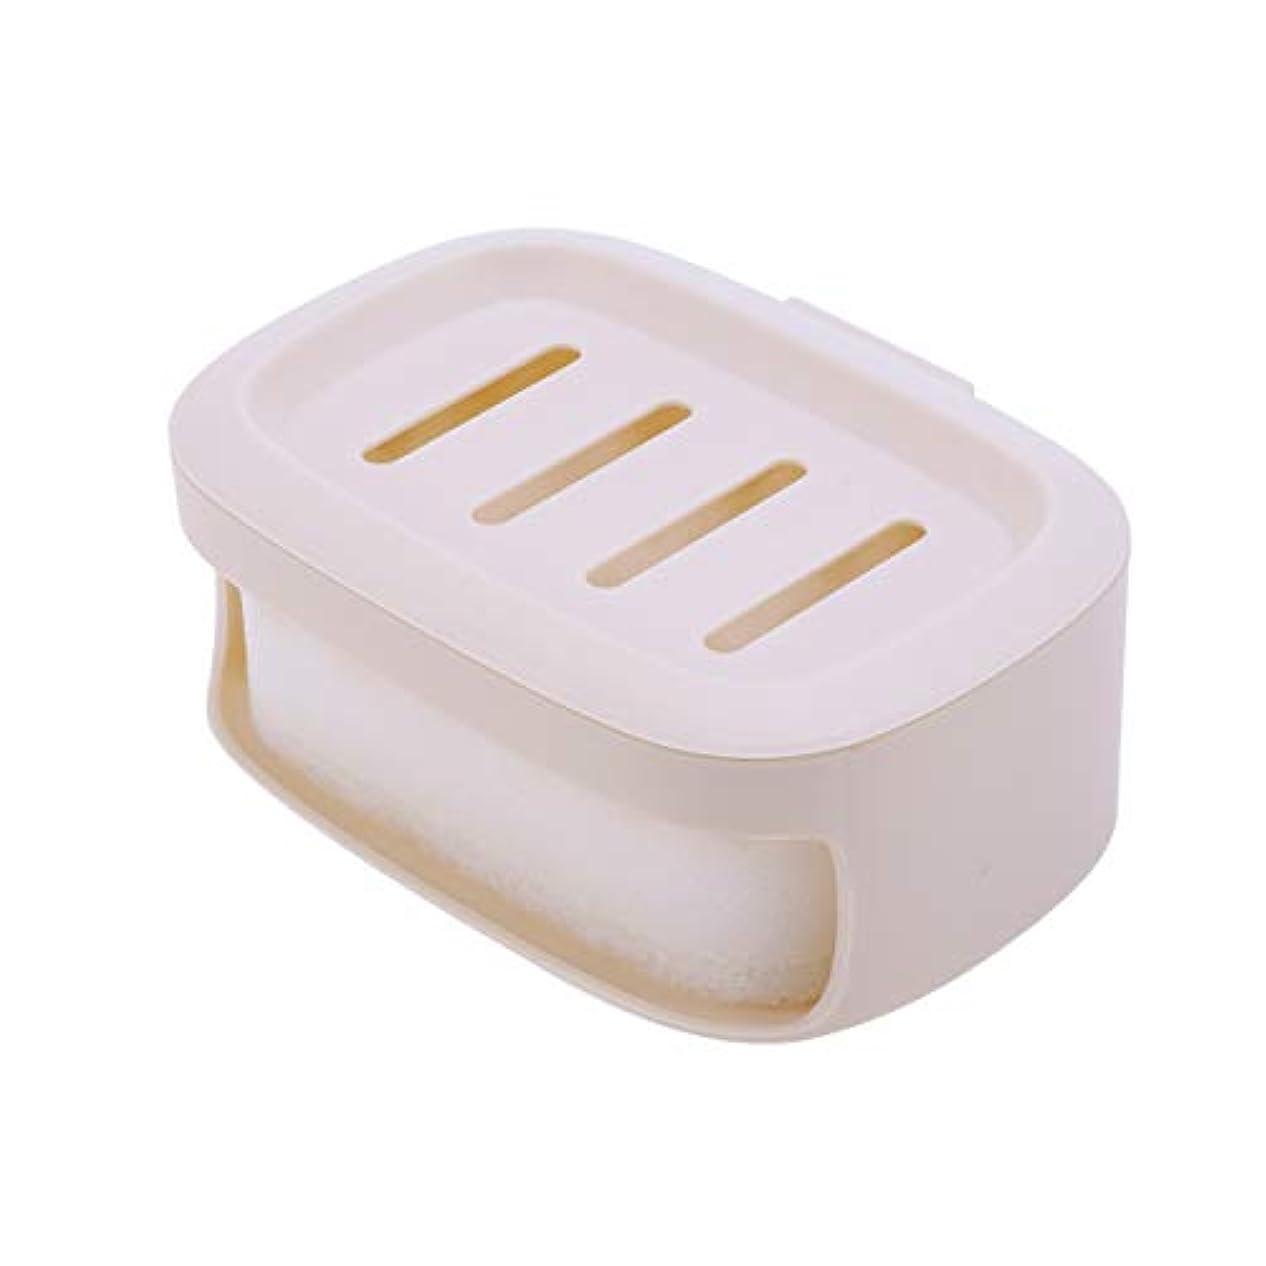 解くリブ科学者HEALIFTY ソープボックス防水ソープコンテナ浴室ソープ収納ケースソープホルダー(カーキ)